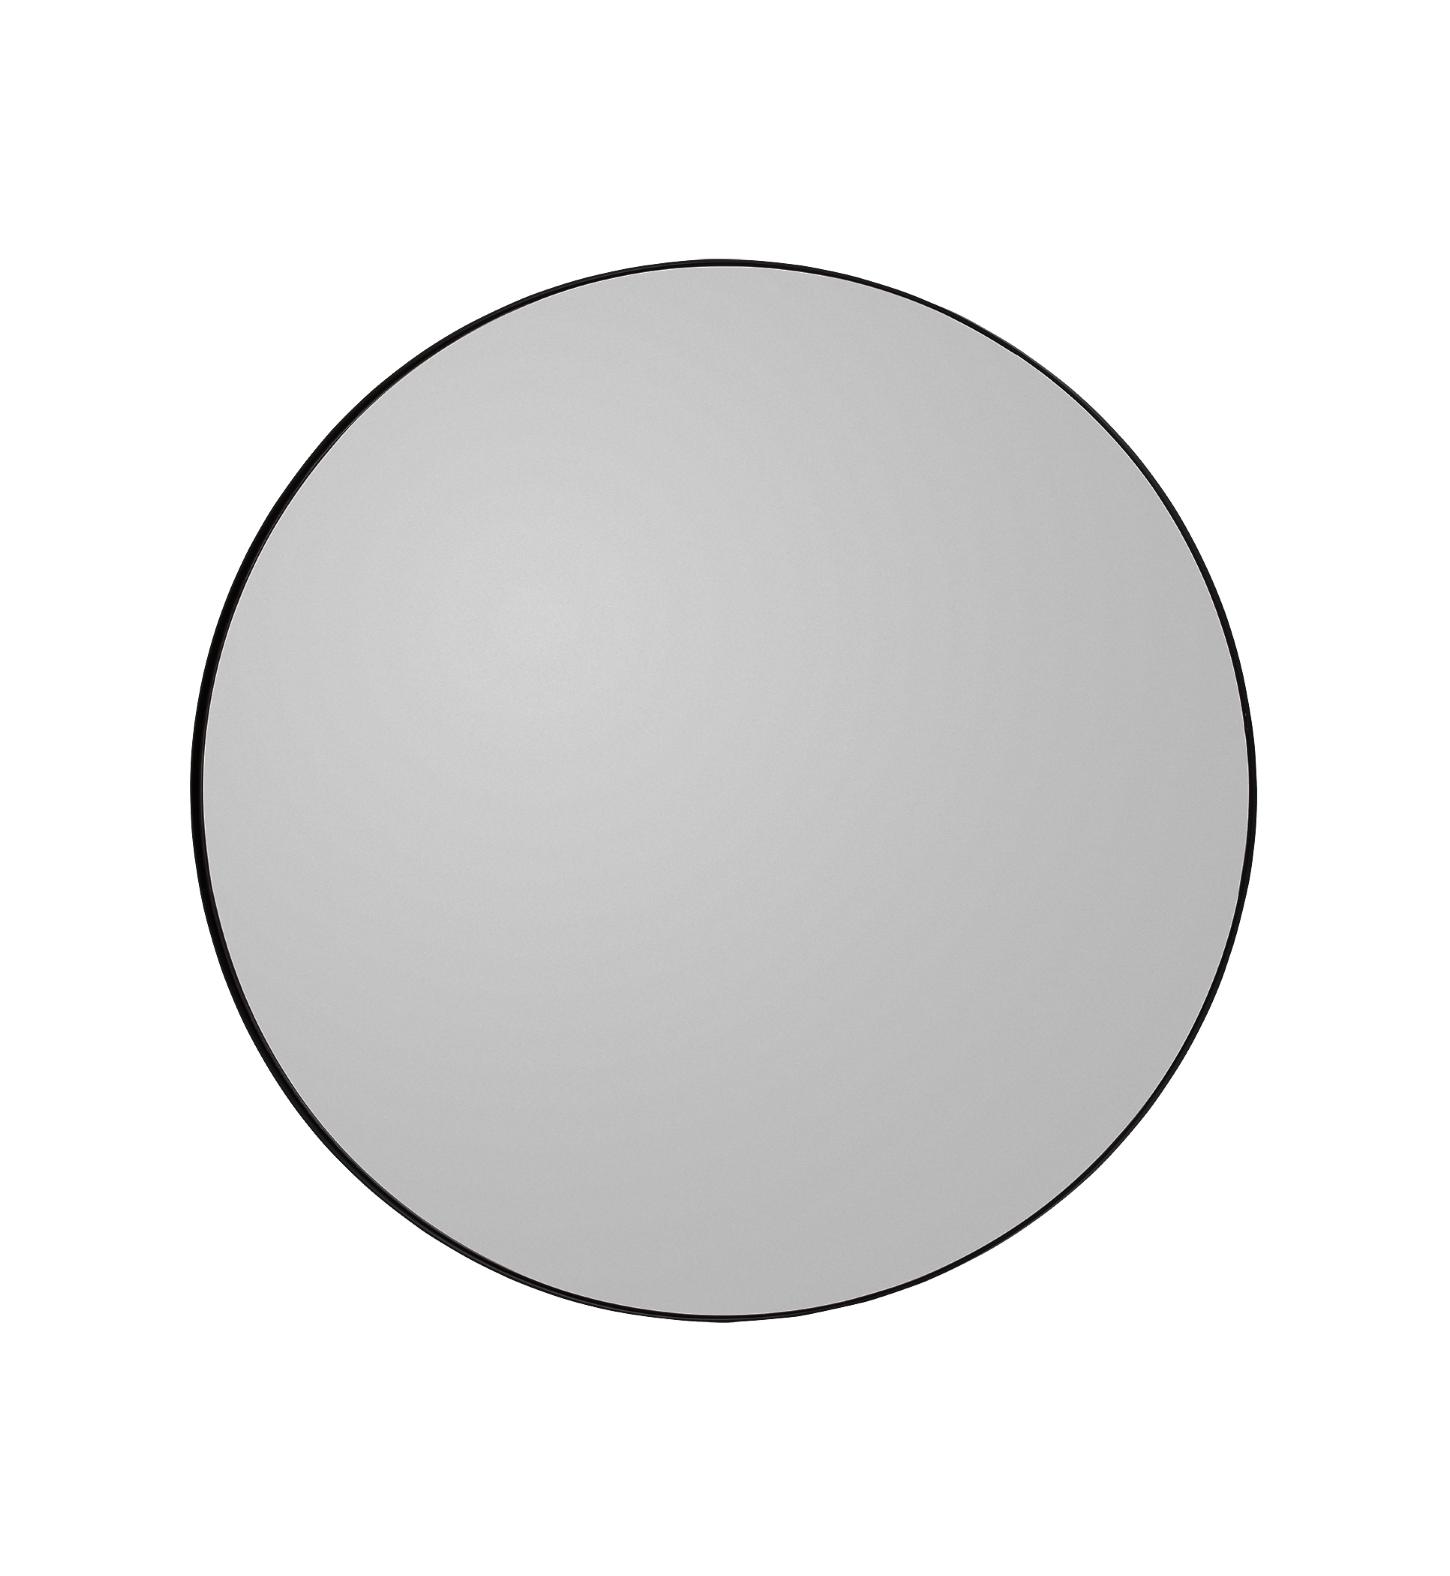 Spegel CIRCUM 90 cm black, AYTM